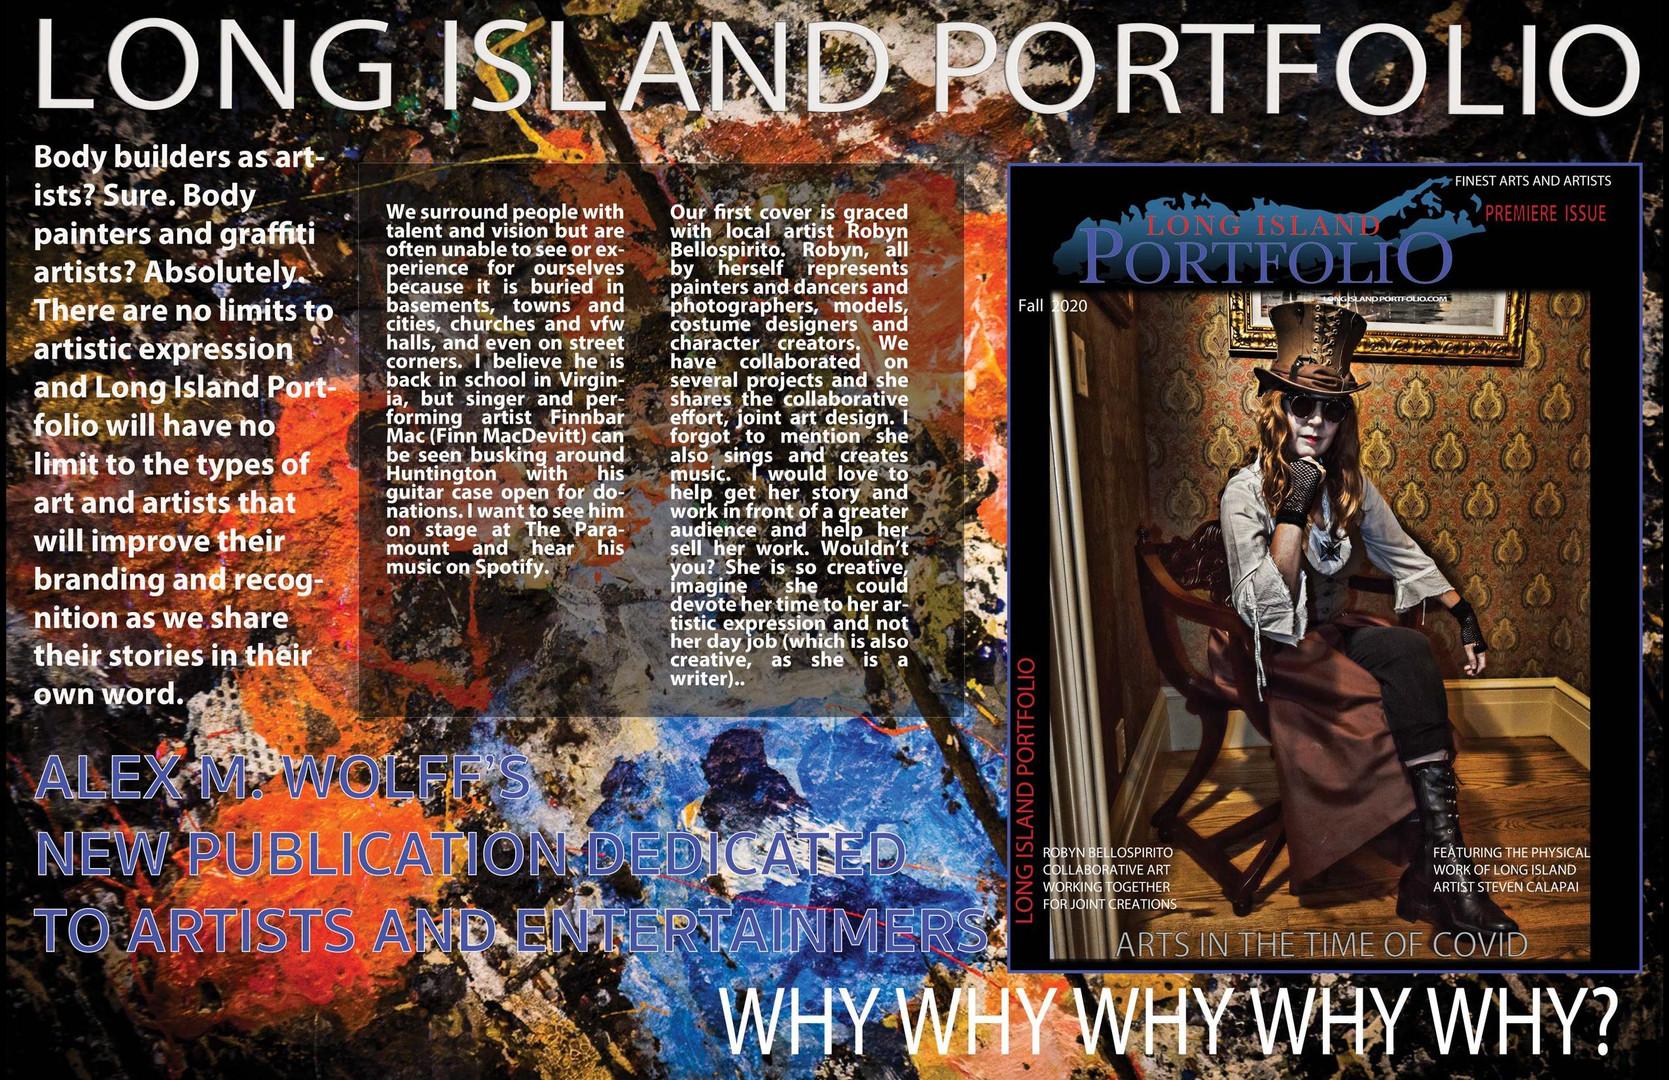 Long Island Portfolio November 2020 Prev